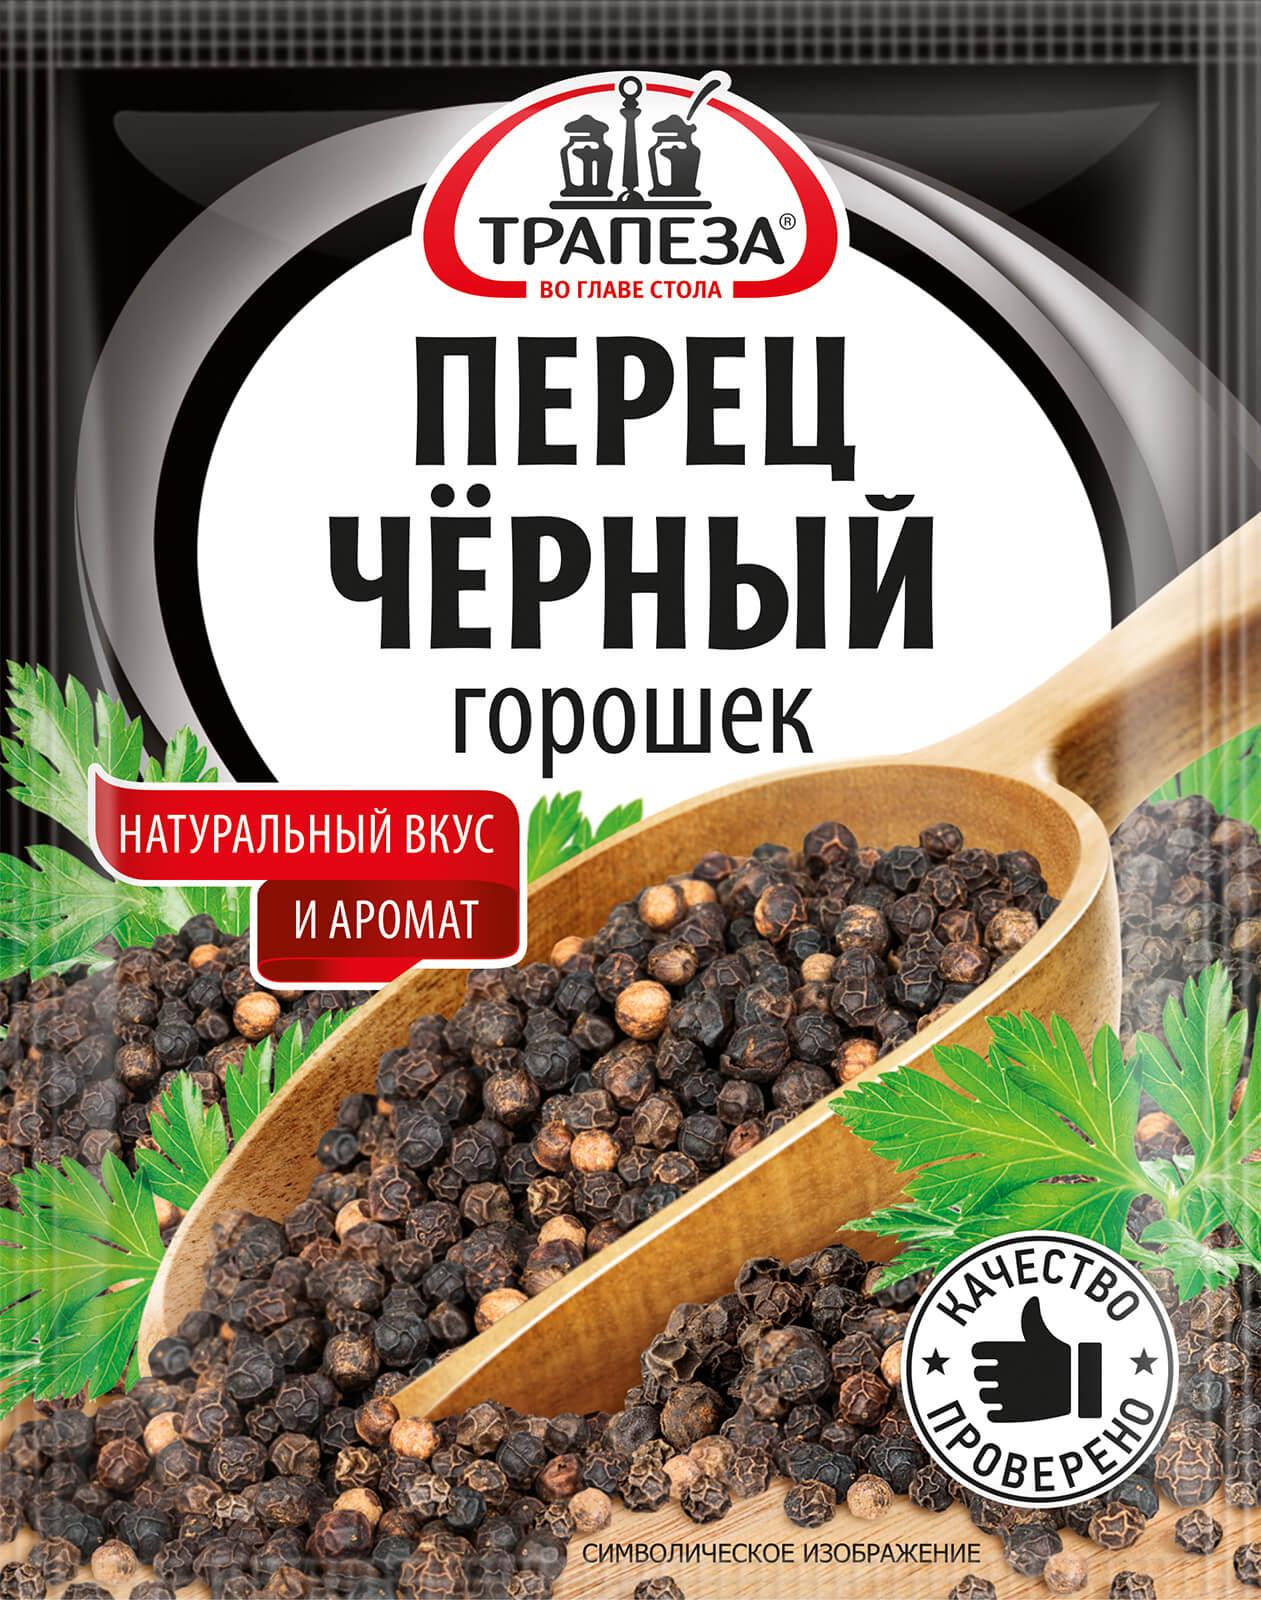 Перец черный горошек Трапеза 15г.